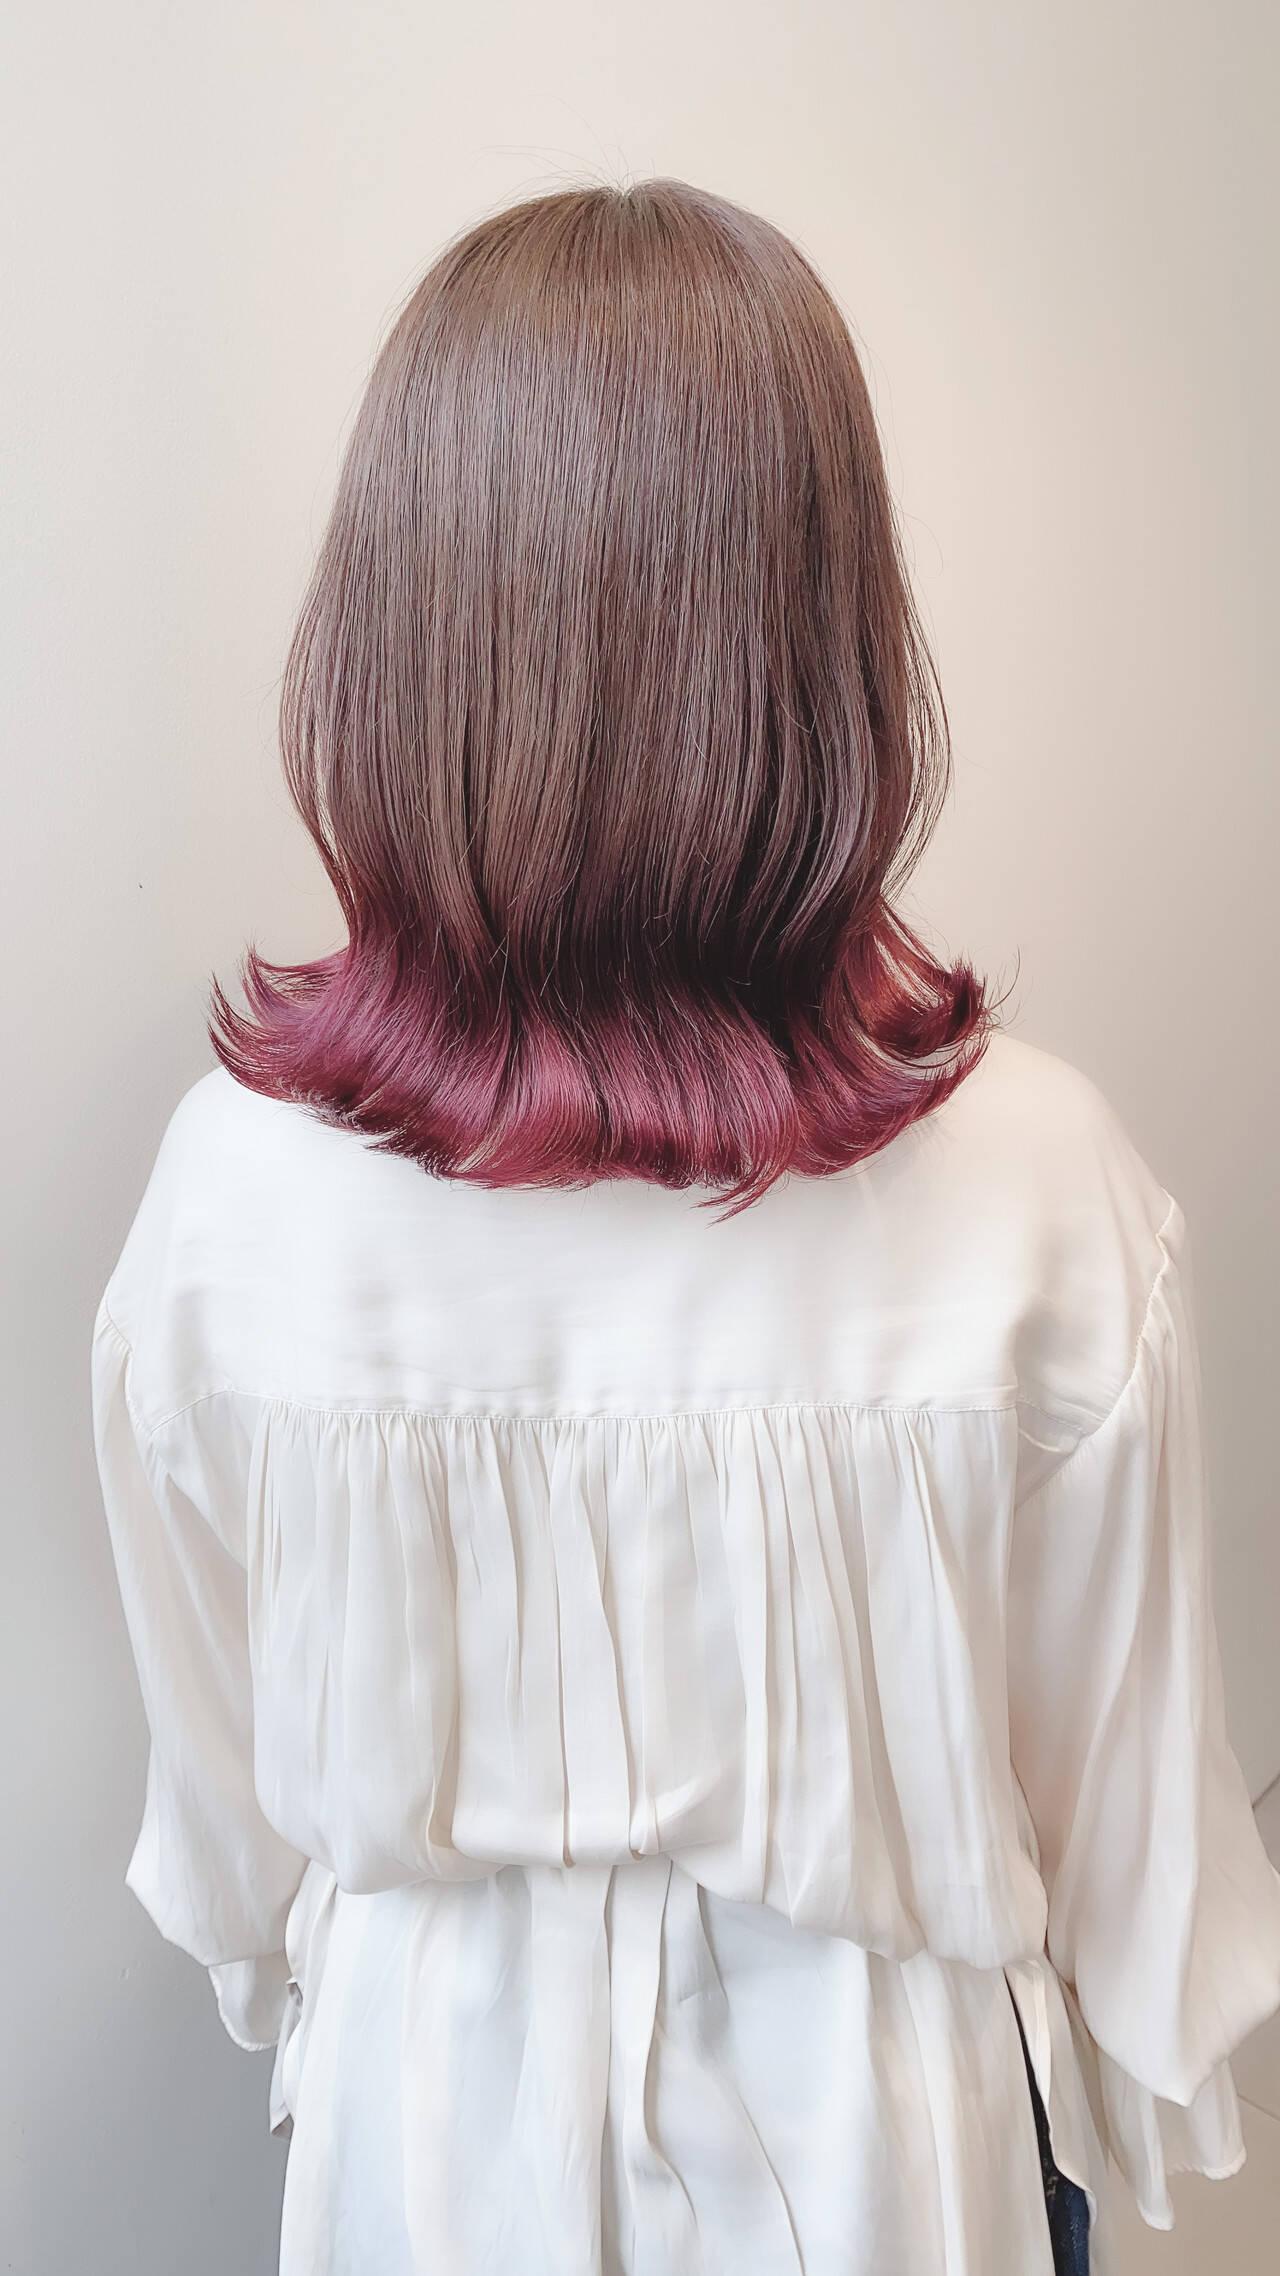 ナチュラル ラベンダーピンク インナーカラー グラデーションカラーヘアスタイルや髪型の写真・画像